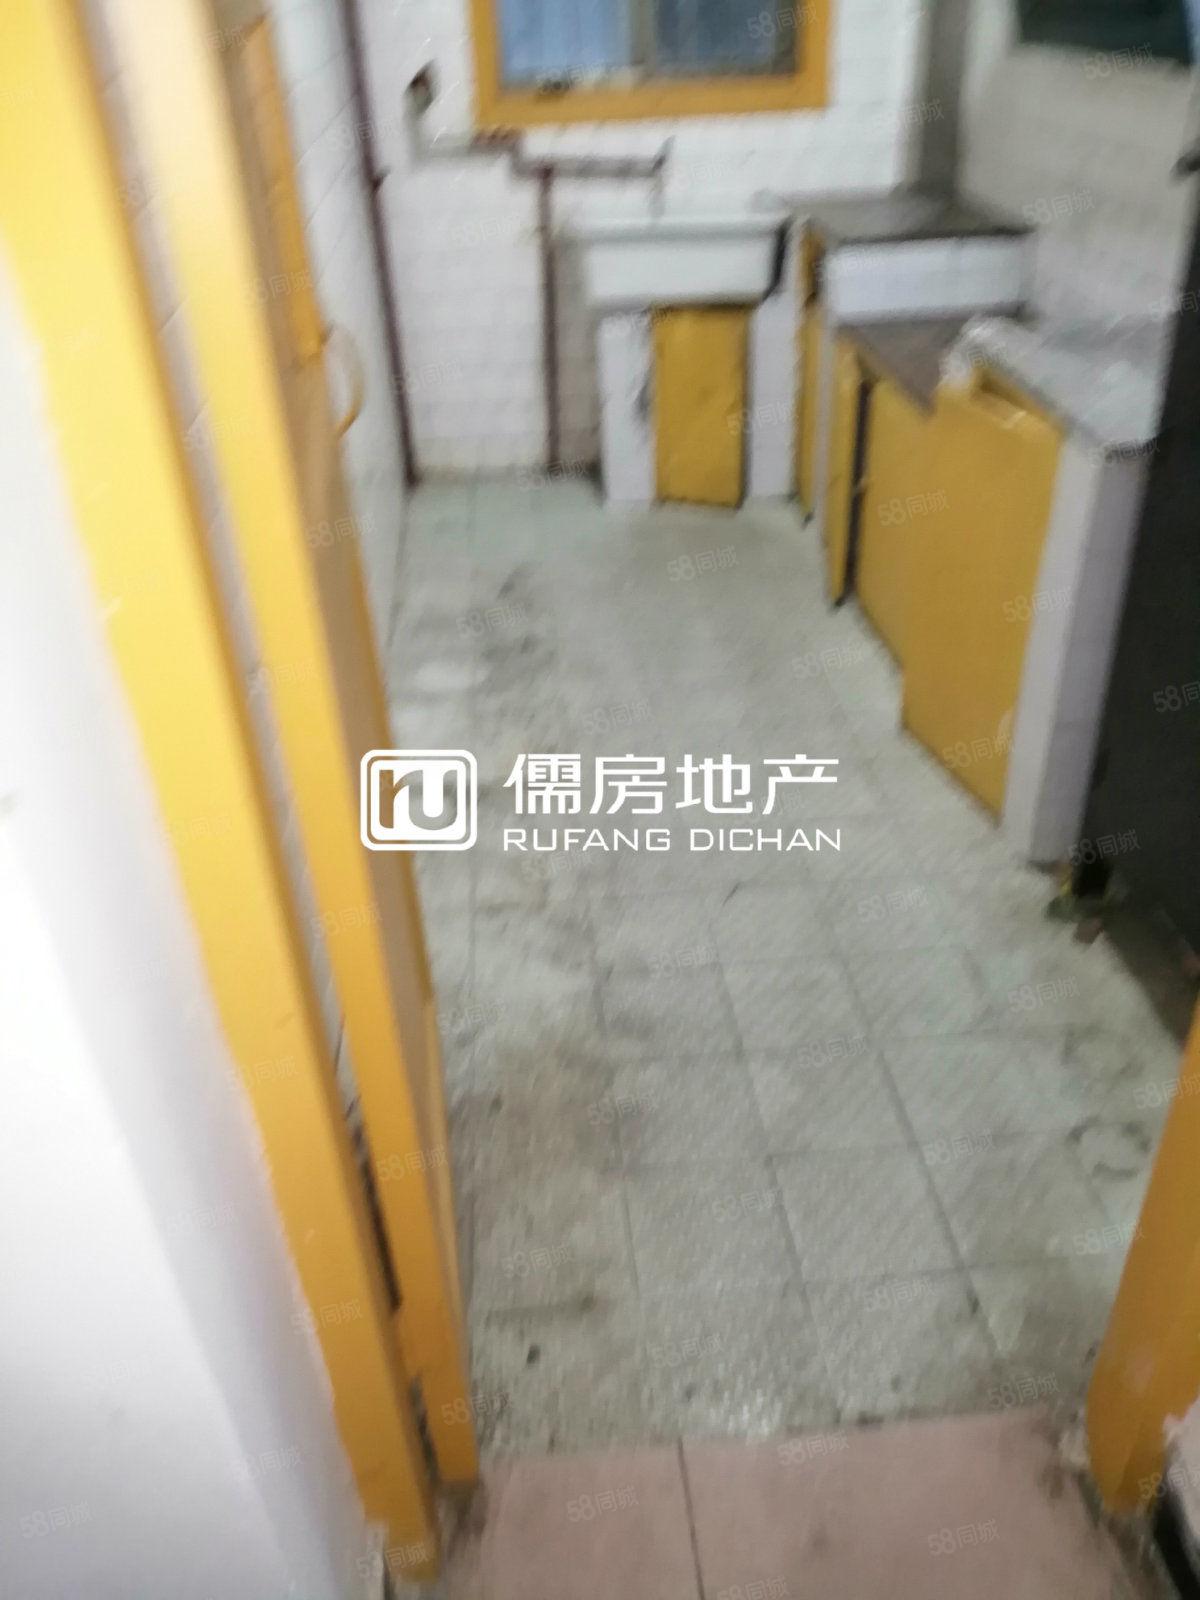 整租江州广场附近2室1厅简单装潢一楼看中面议